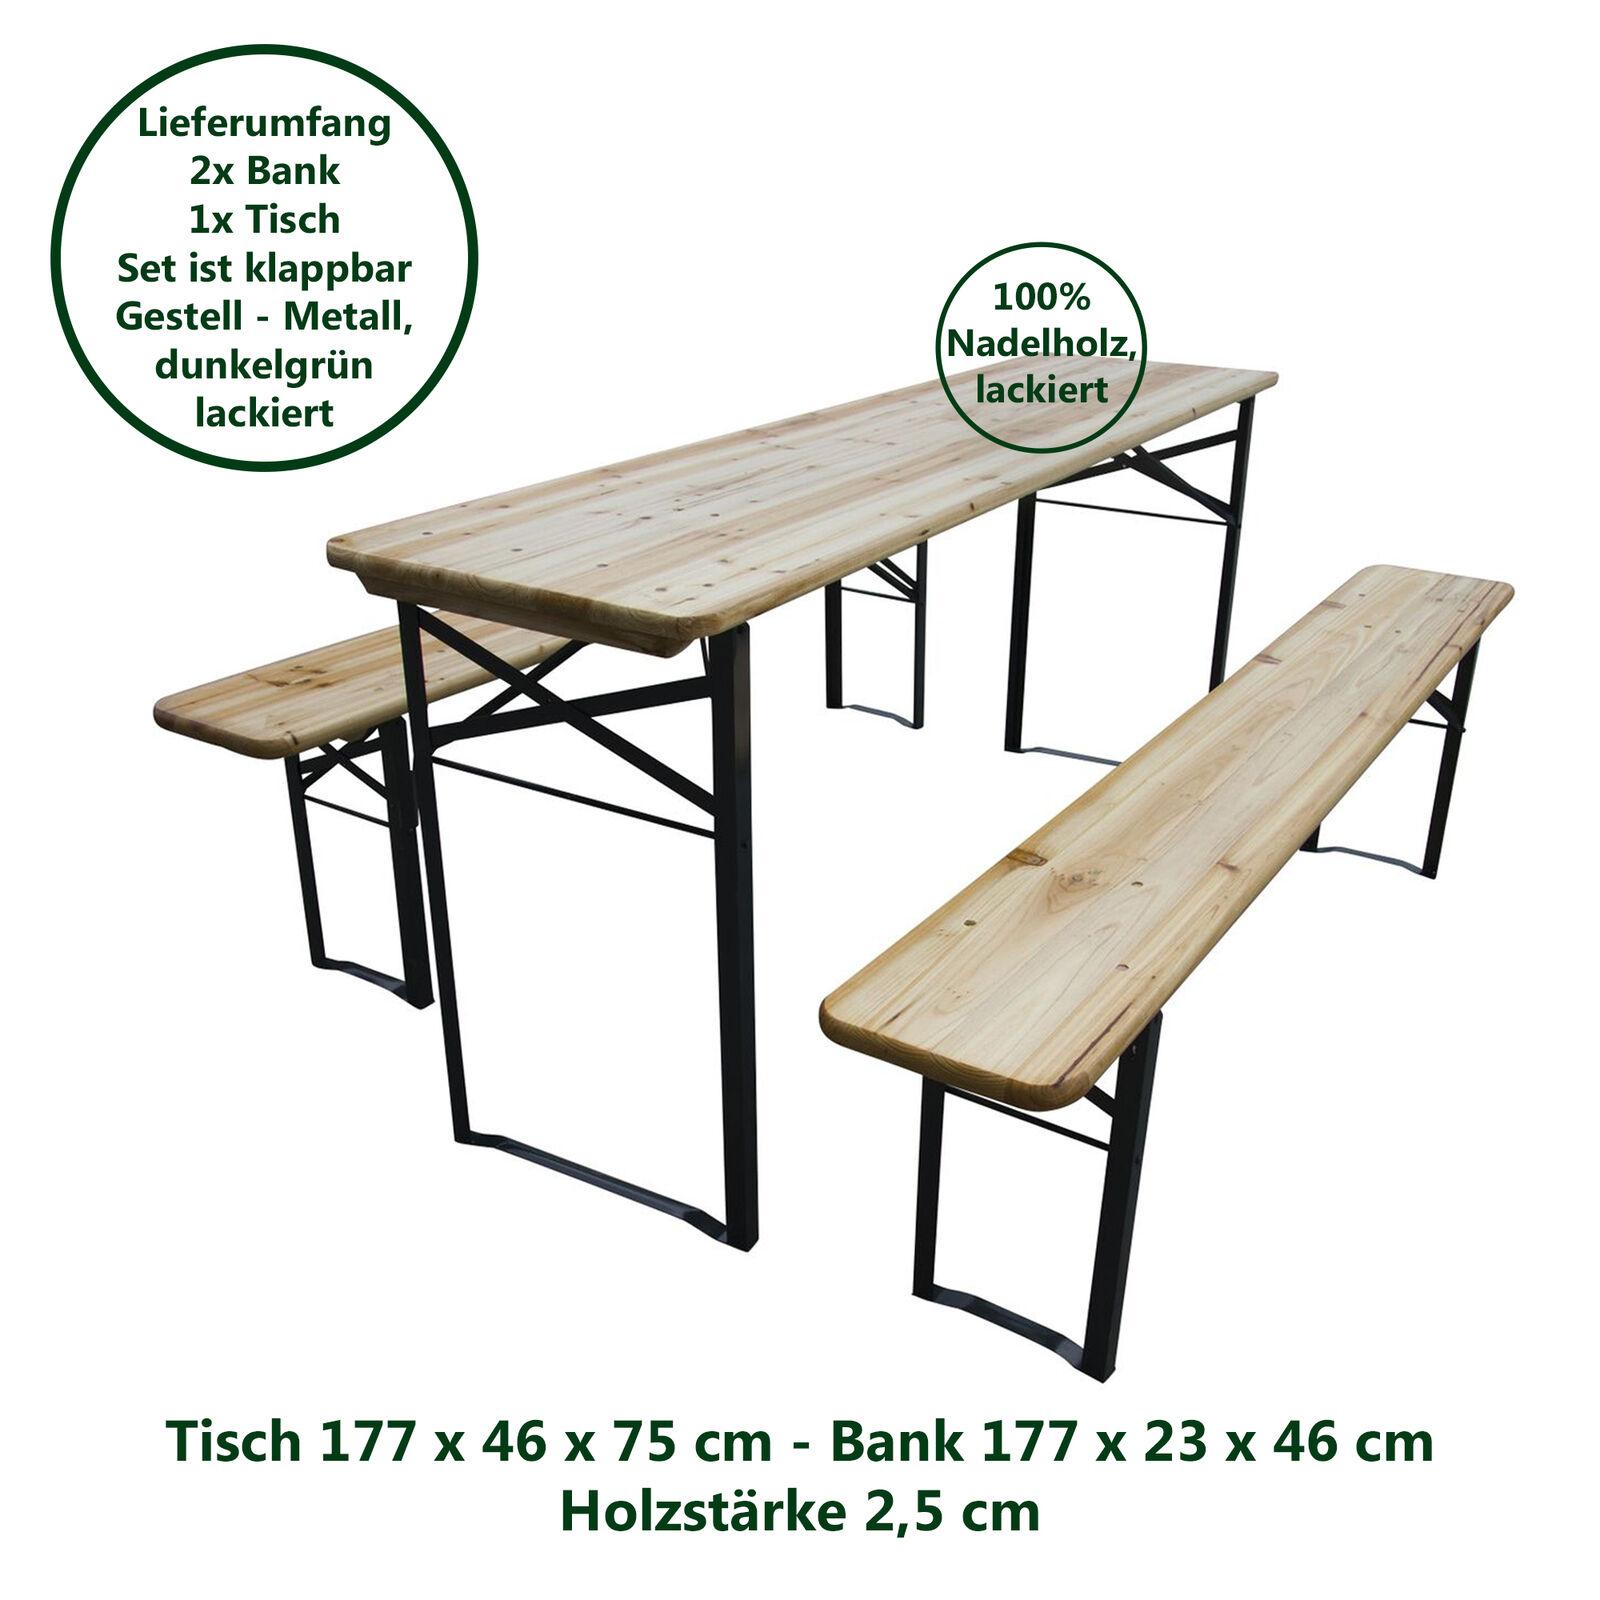 Bierzeltgarnitur Natur Holz Gastronomie Biertisch Set klappbar Bank Stehtisch